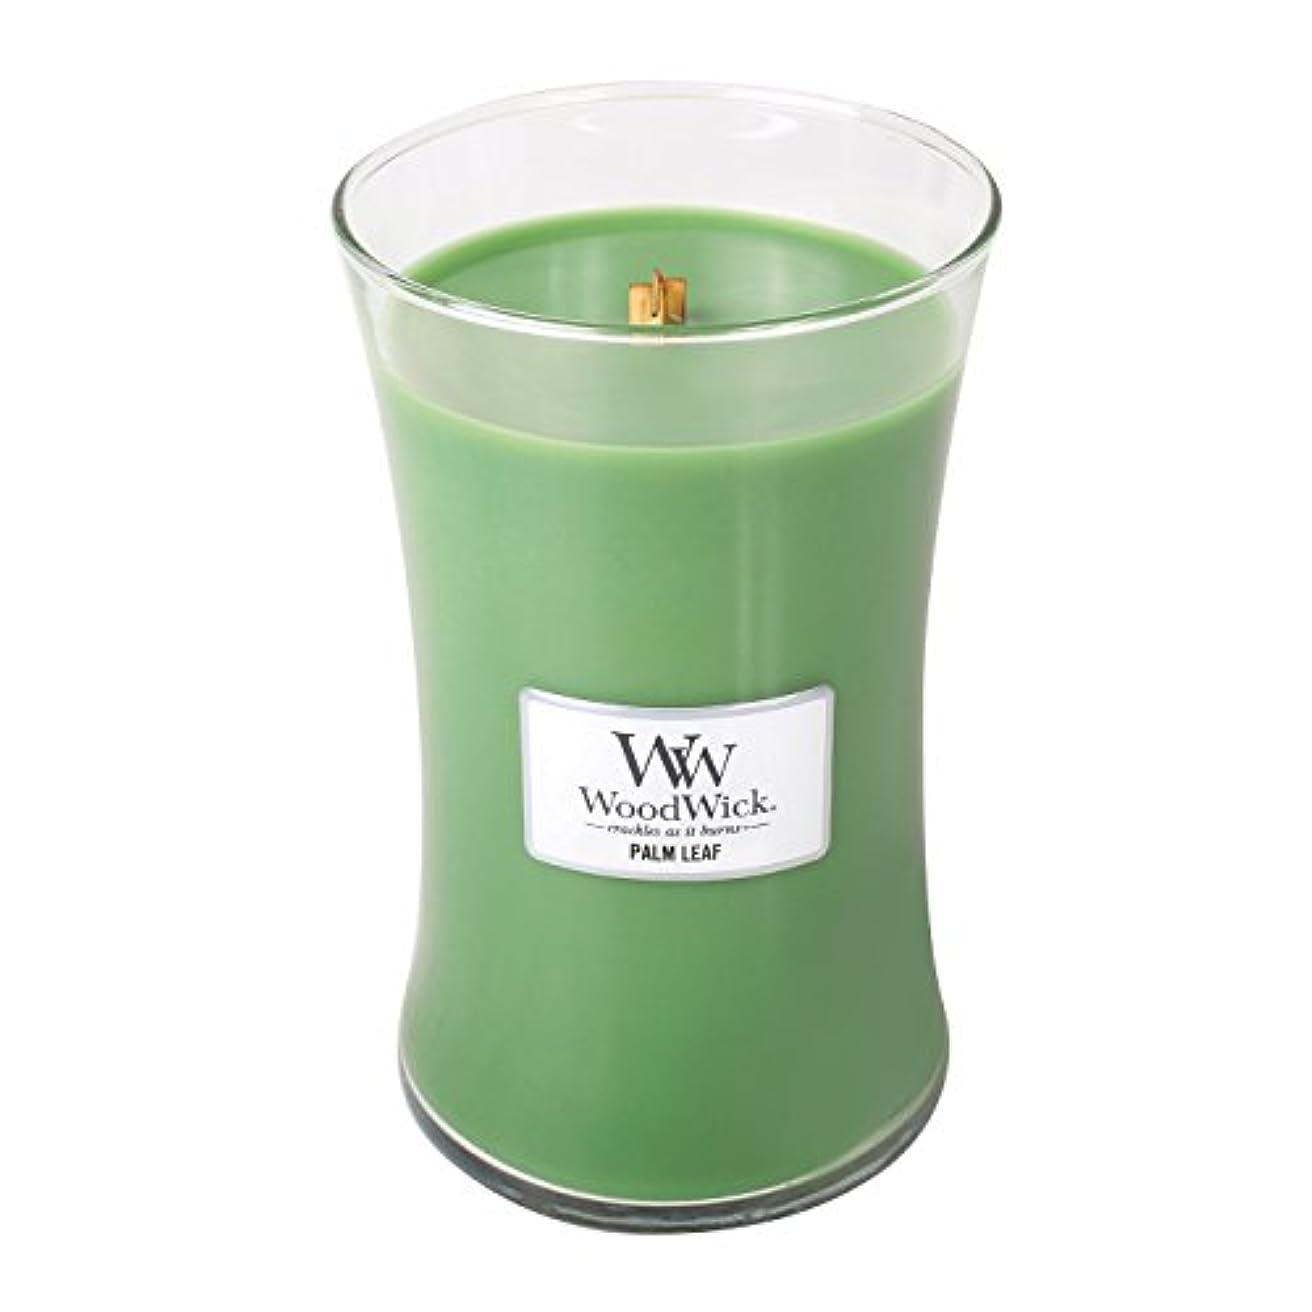 スタウト見物人忘れっぽいWoodWick PALM LEAF, Highly Scented Candle, Classic Hourglass Jar, Large 18cm, 640ml